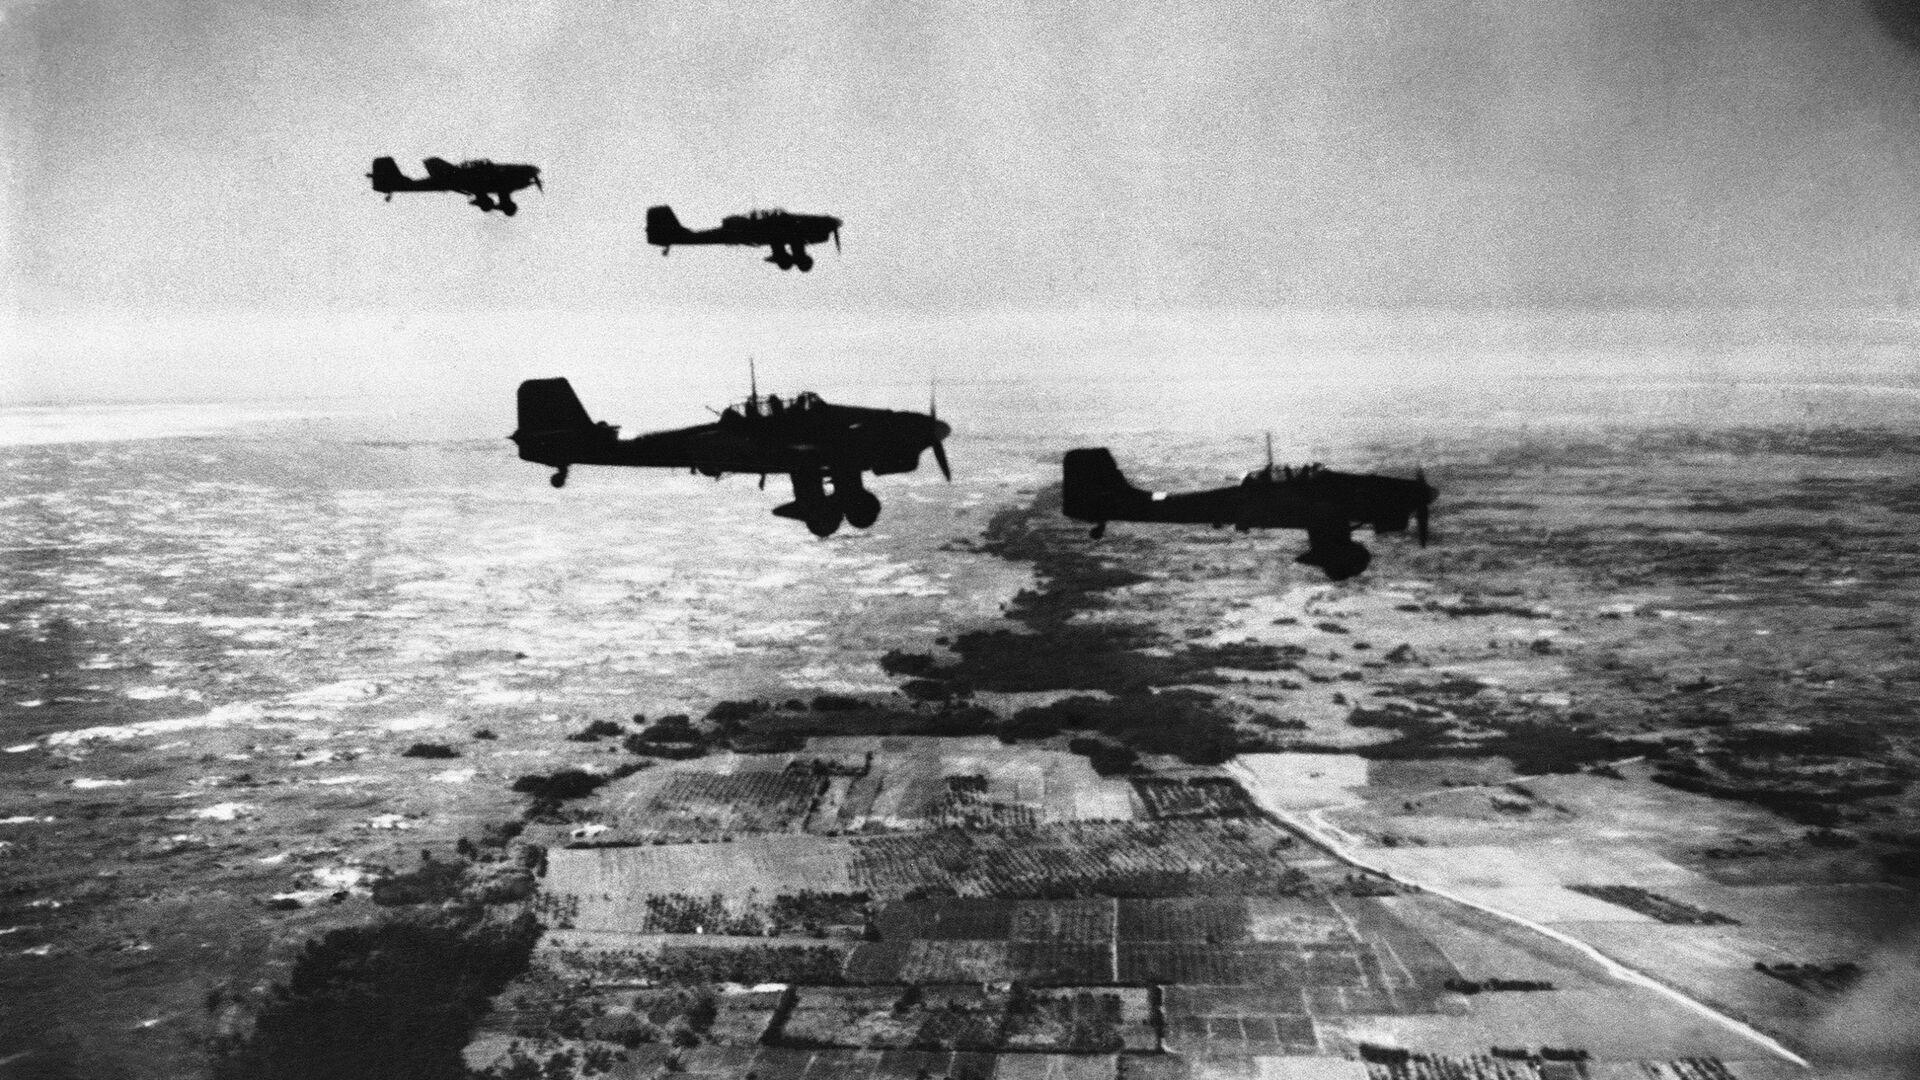 Bombowce Ju-87 sił powietrznych III Rzeszy wykonujące lot nad Krymem podczas II wojny światowej - Sputnik Polska, 1920, 07.07.2021